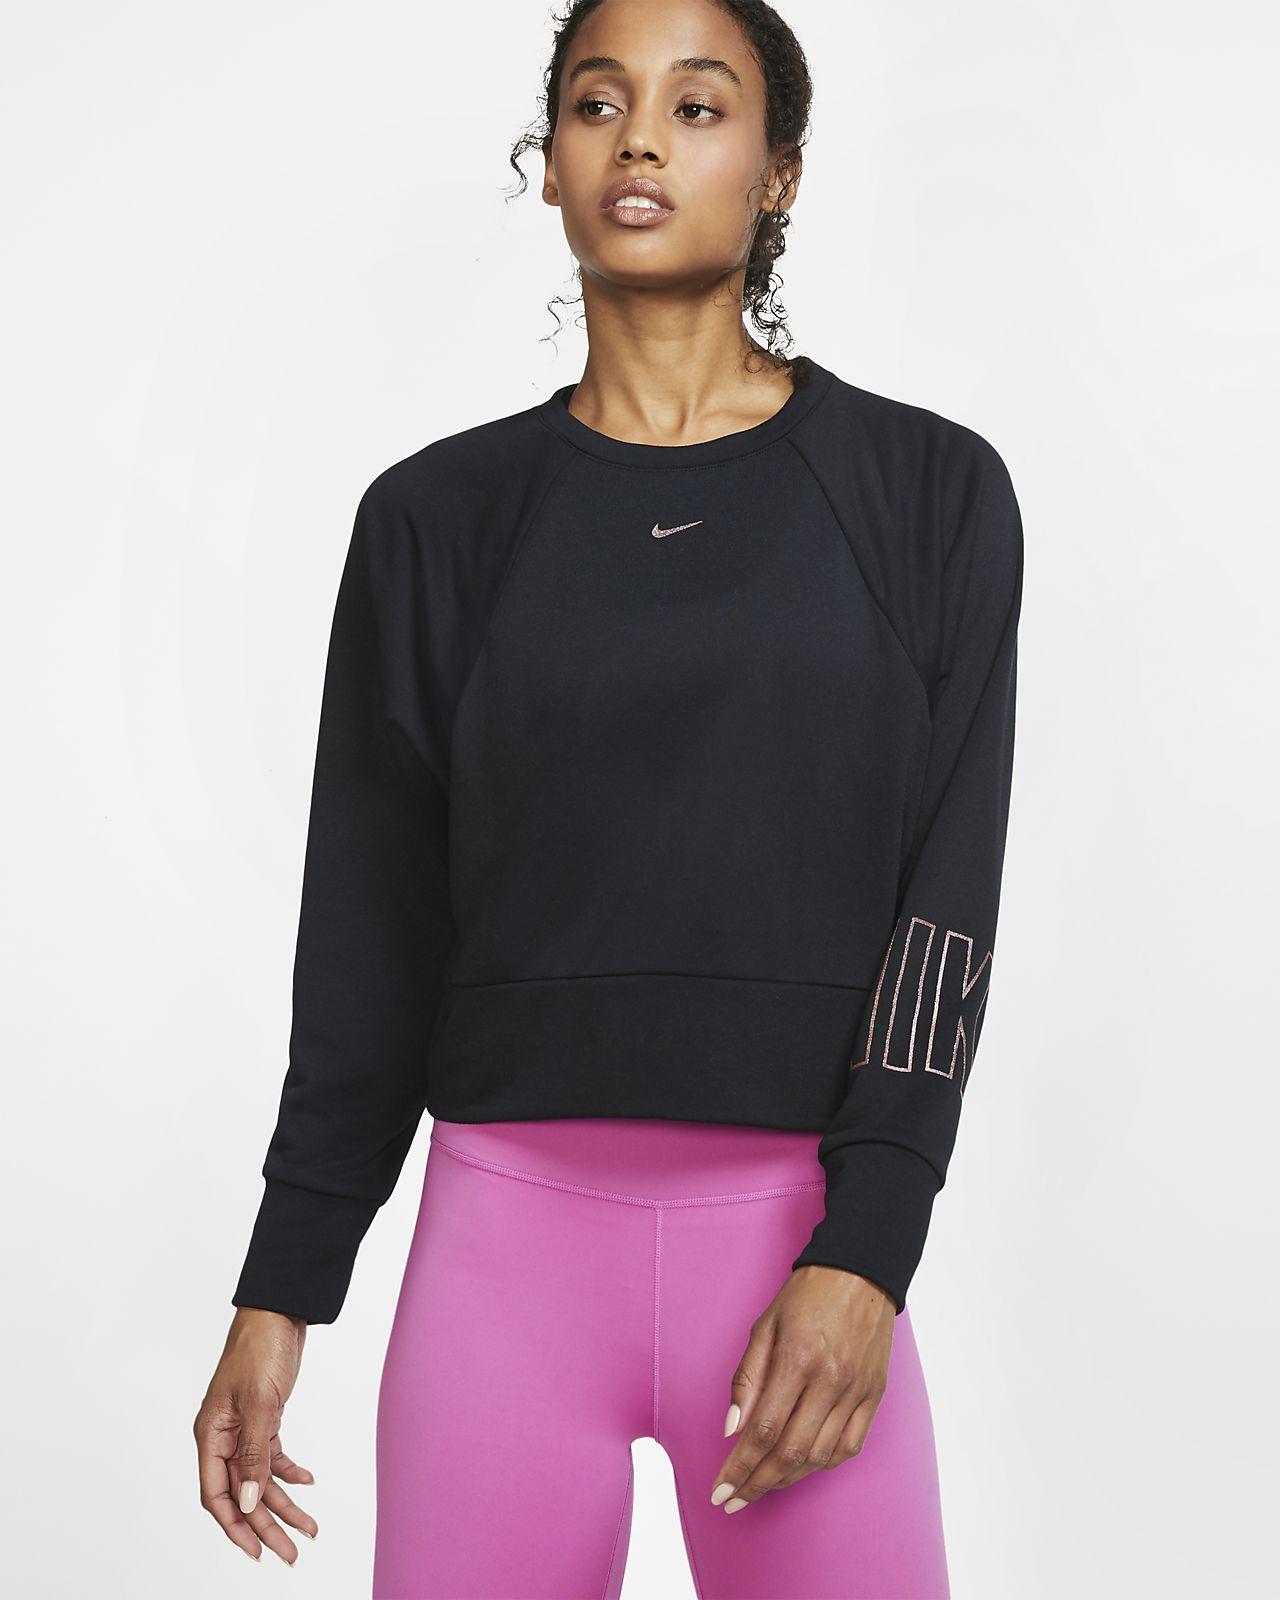 Dámská flísová tréninková mikina Nike Dri-FIT Get Fit s kulatým výstřihem a grafickým motivem